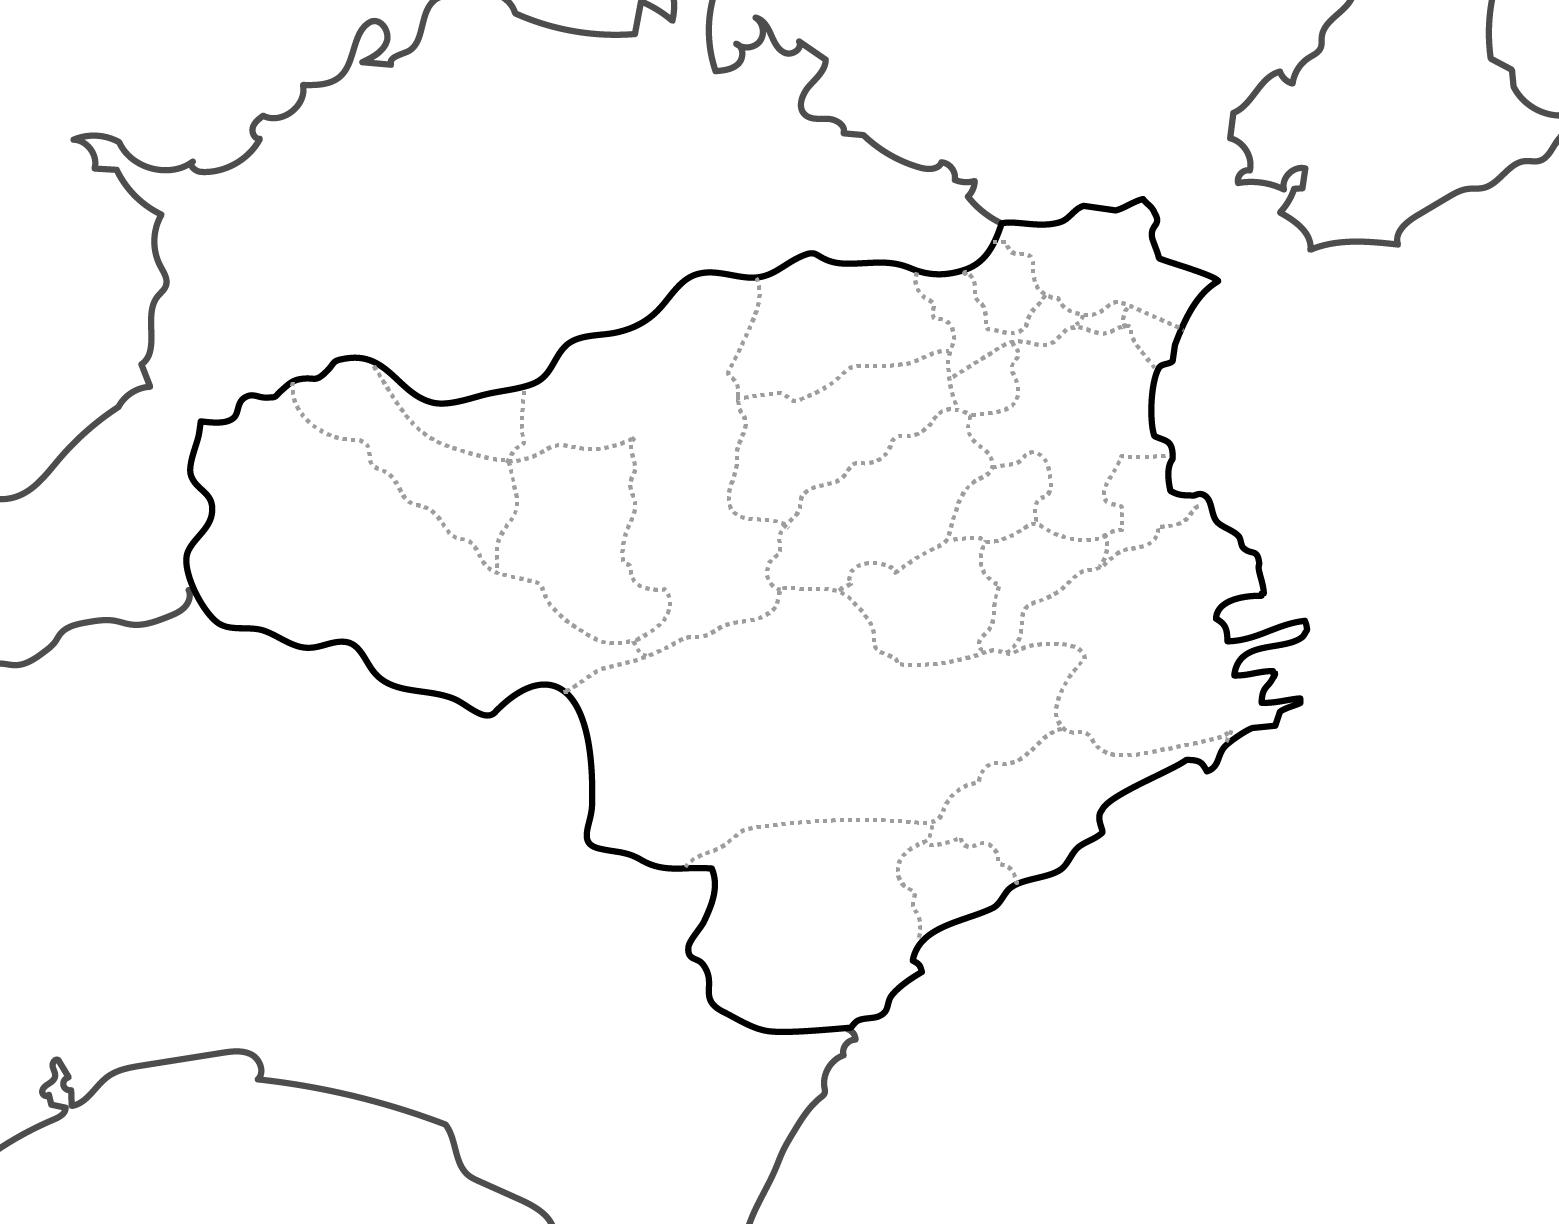 [白地図]徳島県・ラインあり・市区町村名なし・隣県なし